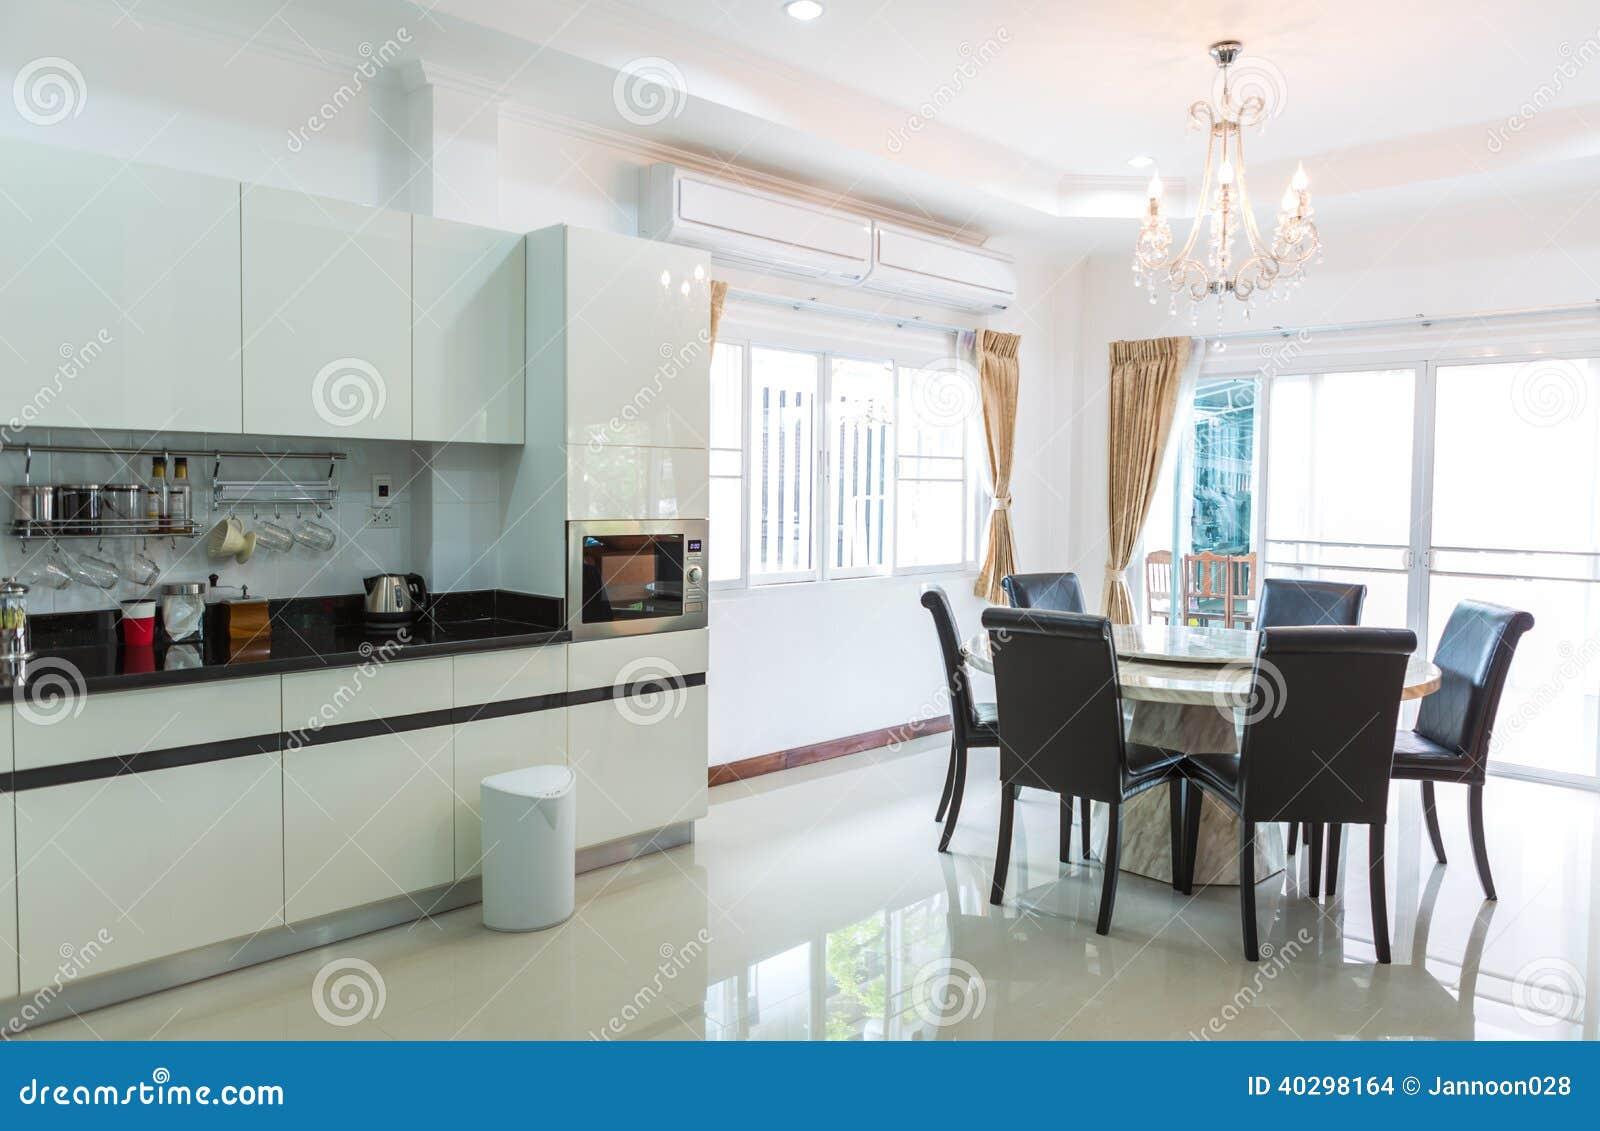 Kuchenschranke Mit Kaffeeecke Im Modernen Hauptwohnzimmer Stockfoto